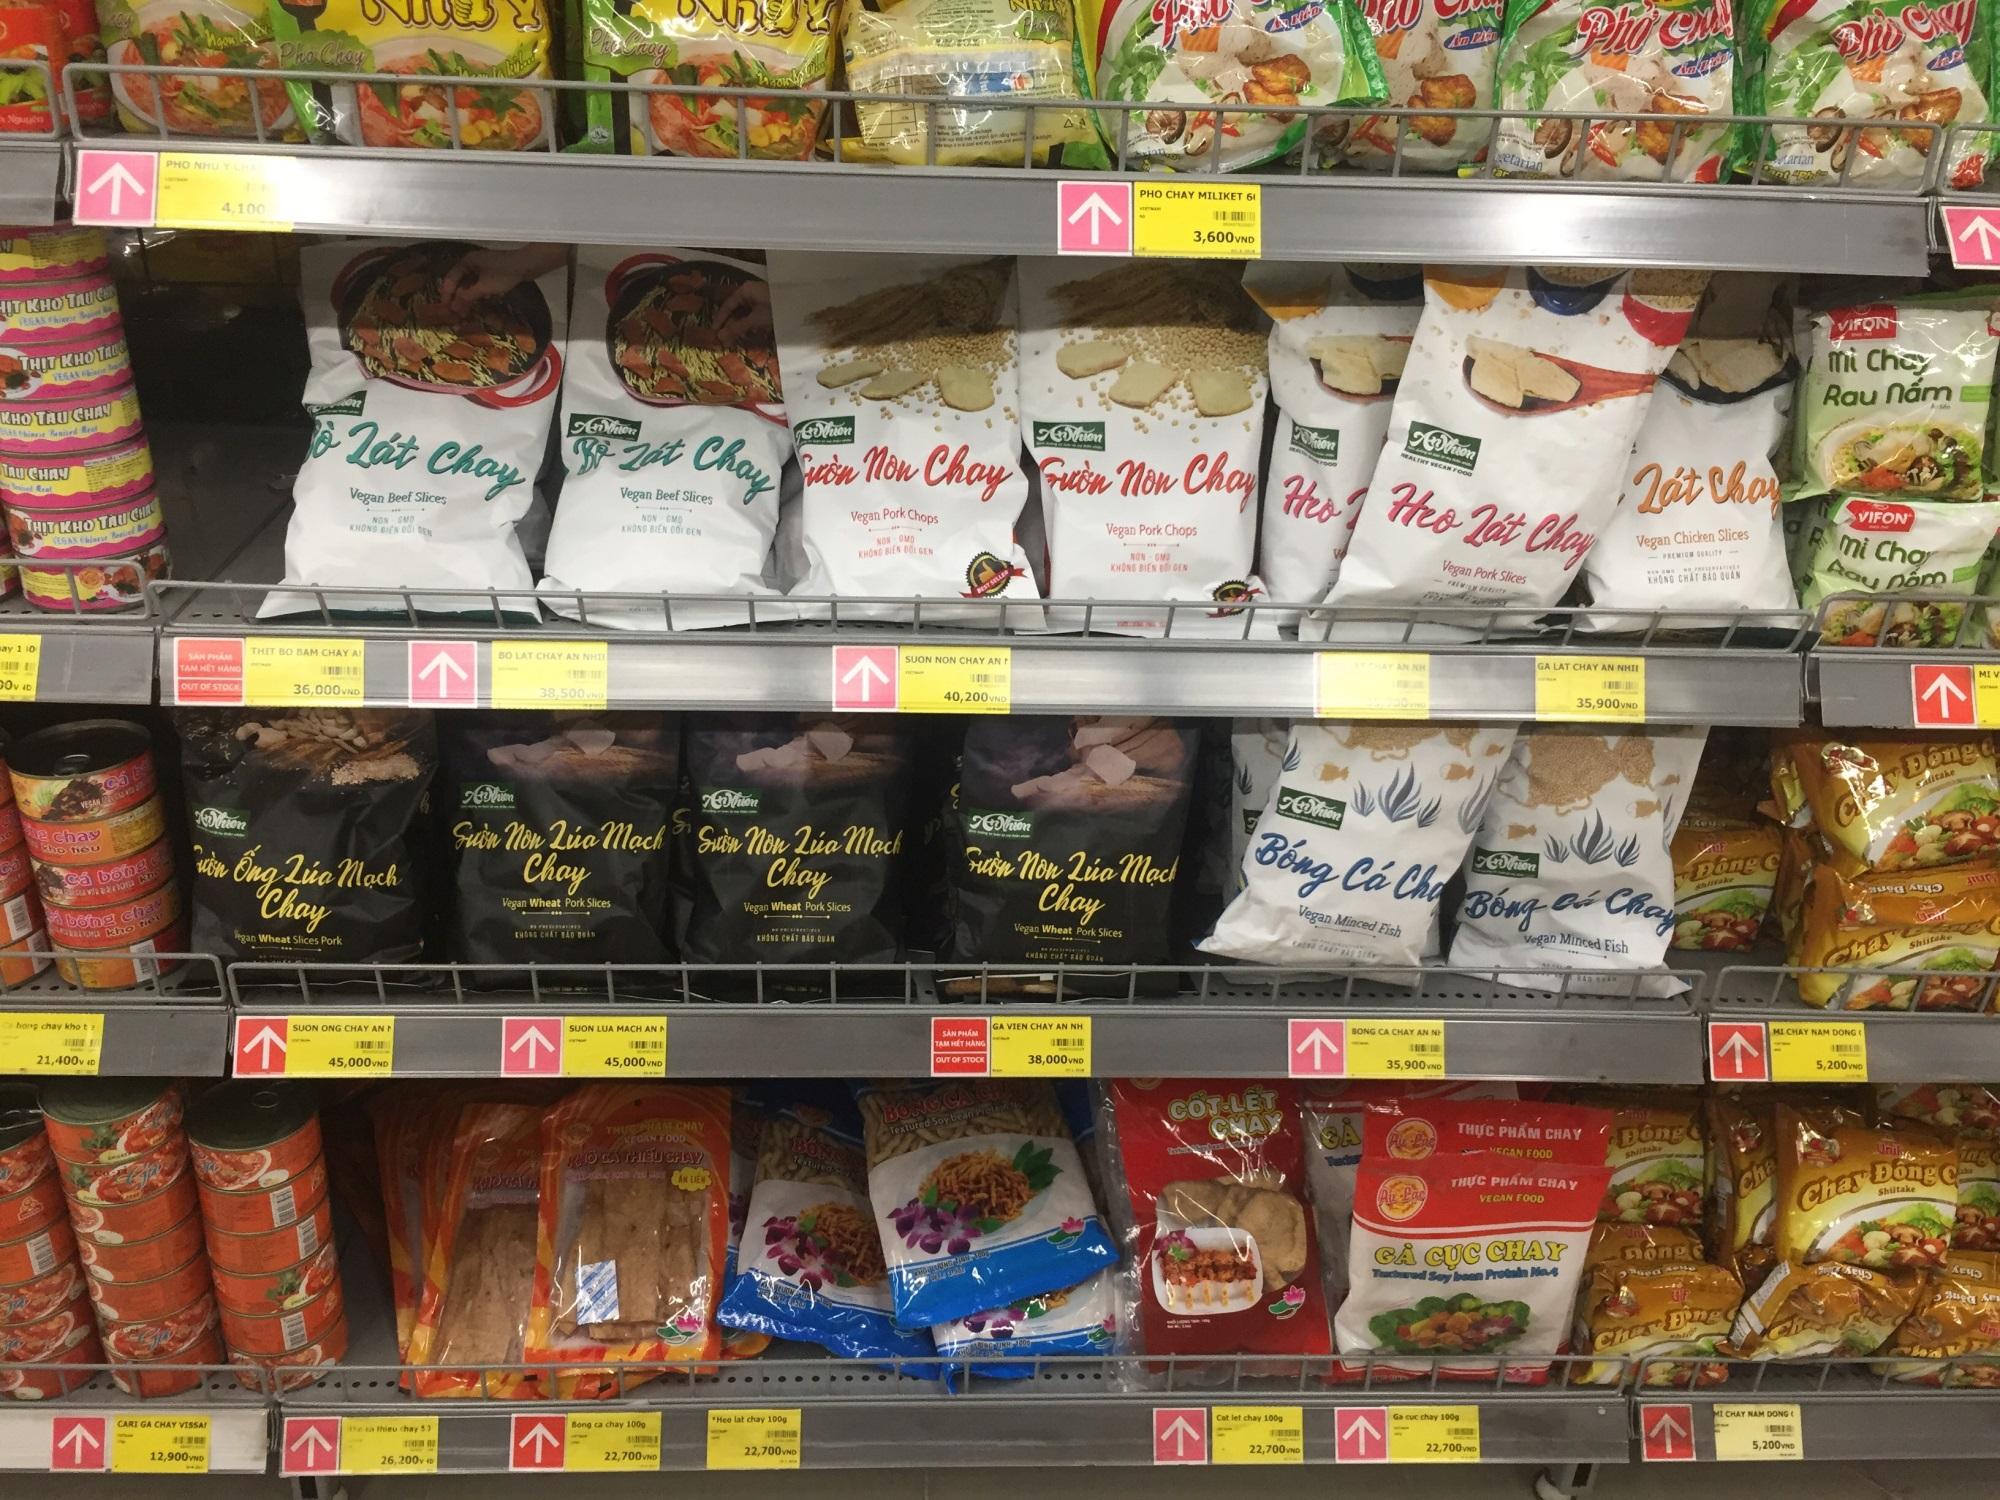 Thực phẩm chay giả mặn kém chất lượng: Chuyên gia cảnh báo về những tác hại khôn lường ảnh 2